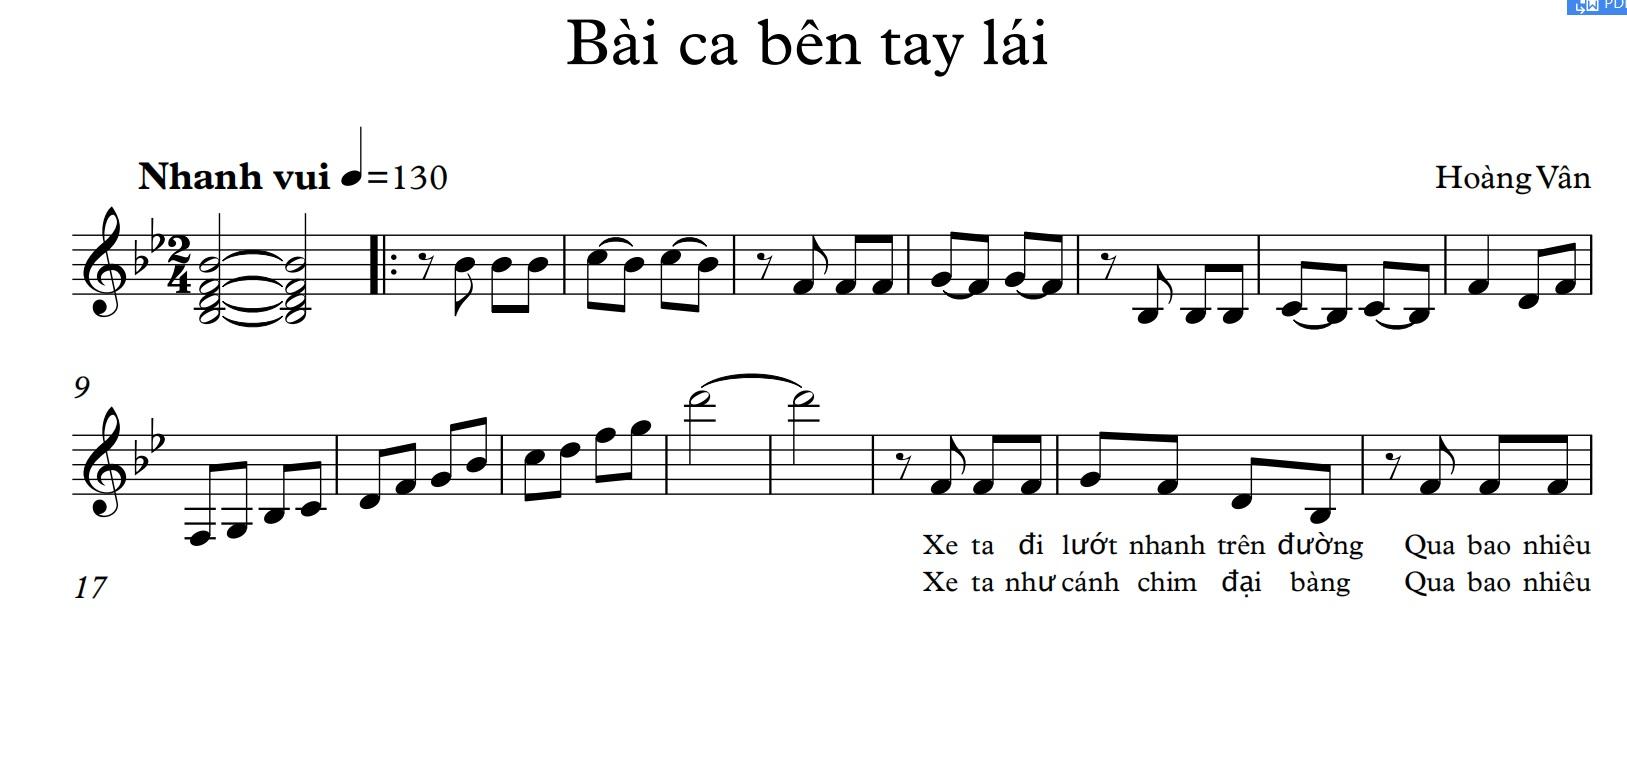 Bài ca bên tay lái